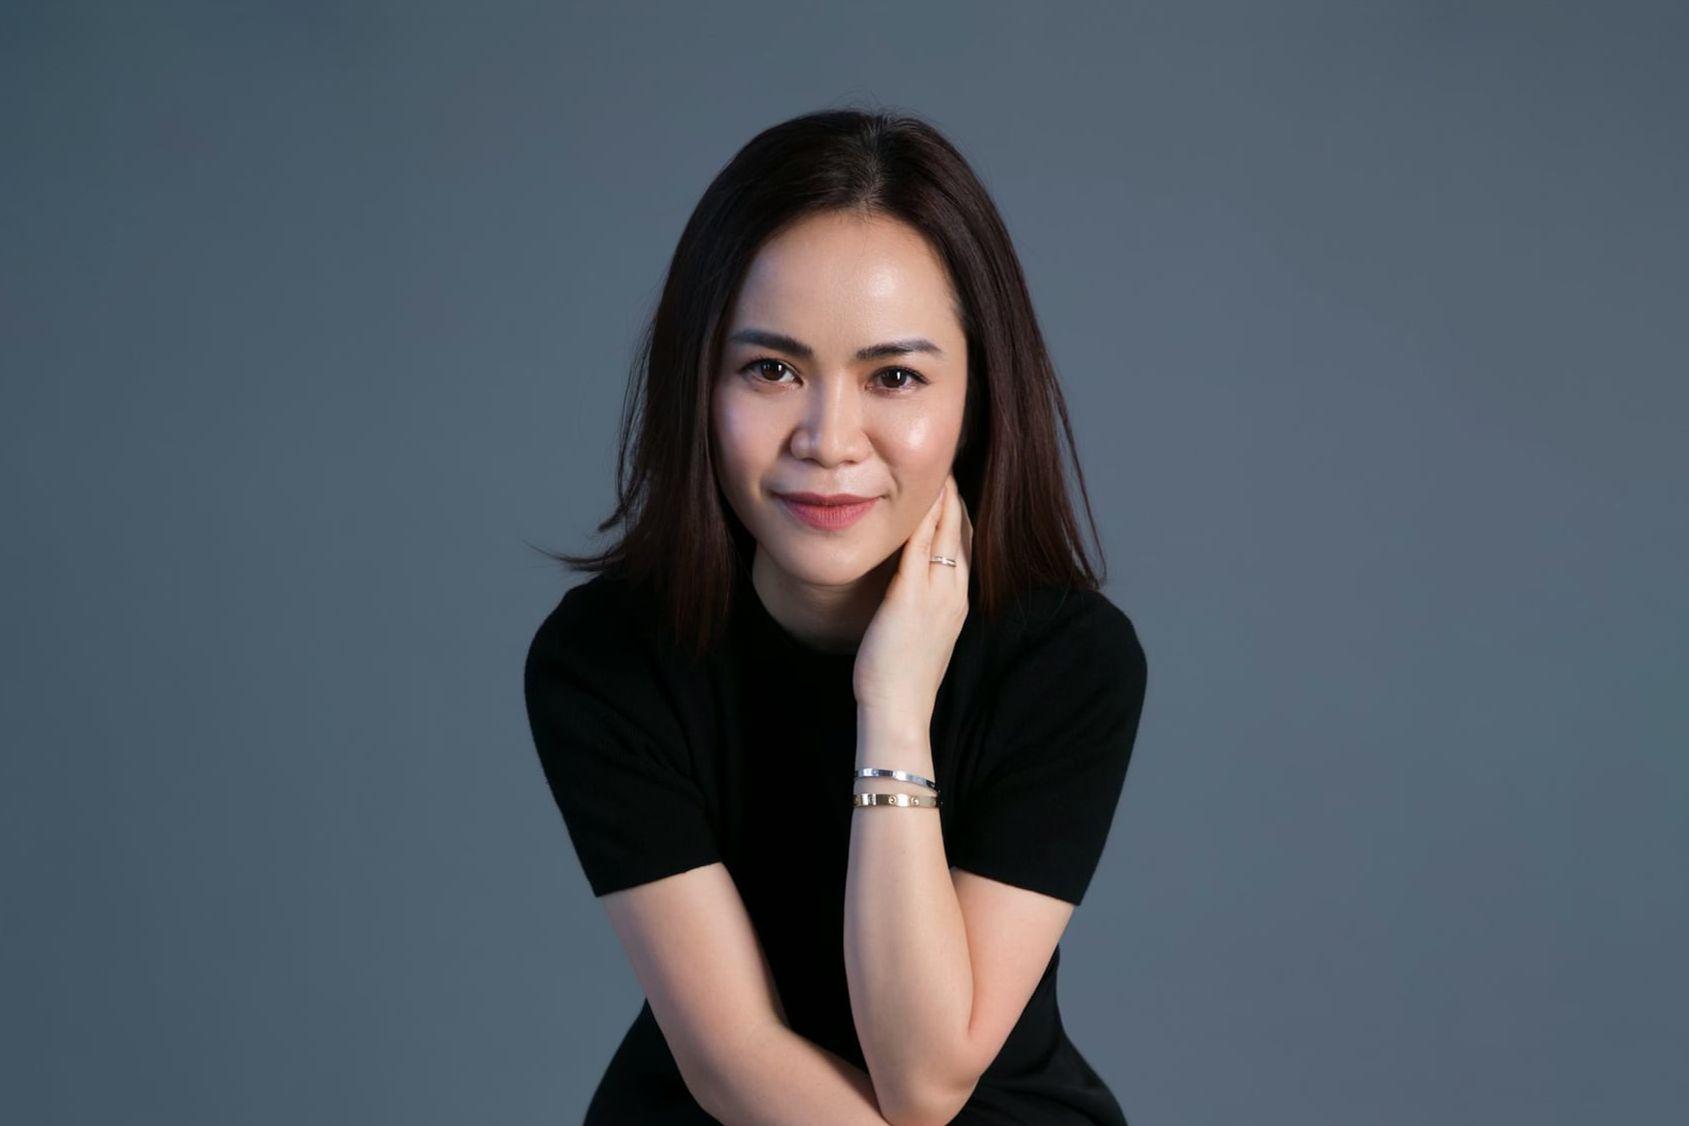 Nữ tướng của công nghệ truyền thông: Quỳnh Anh Nguyễn - Group COO của Yeah1 kiêm CEO của Giga1